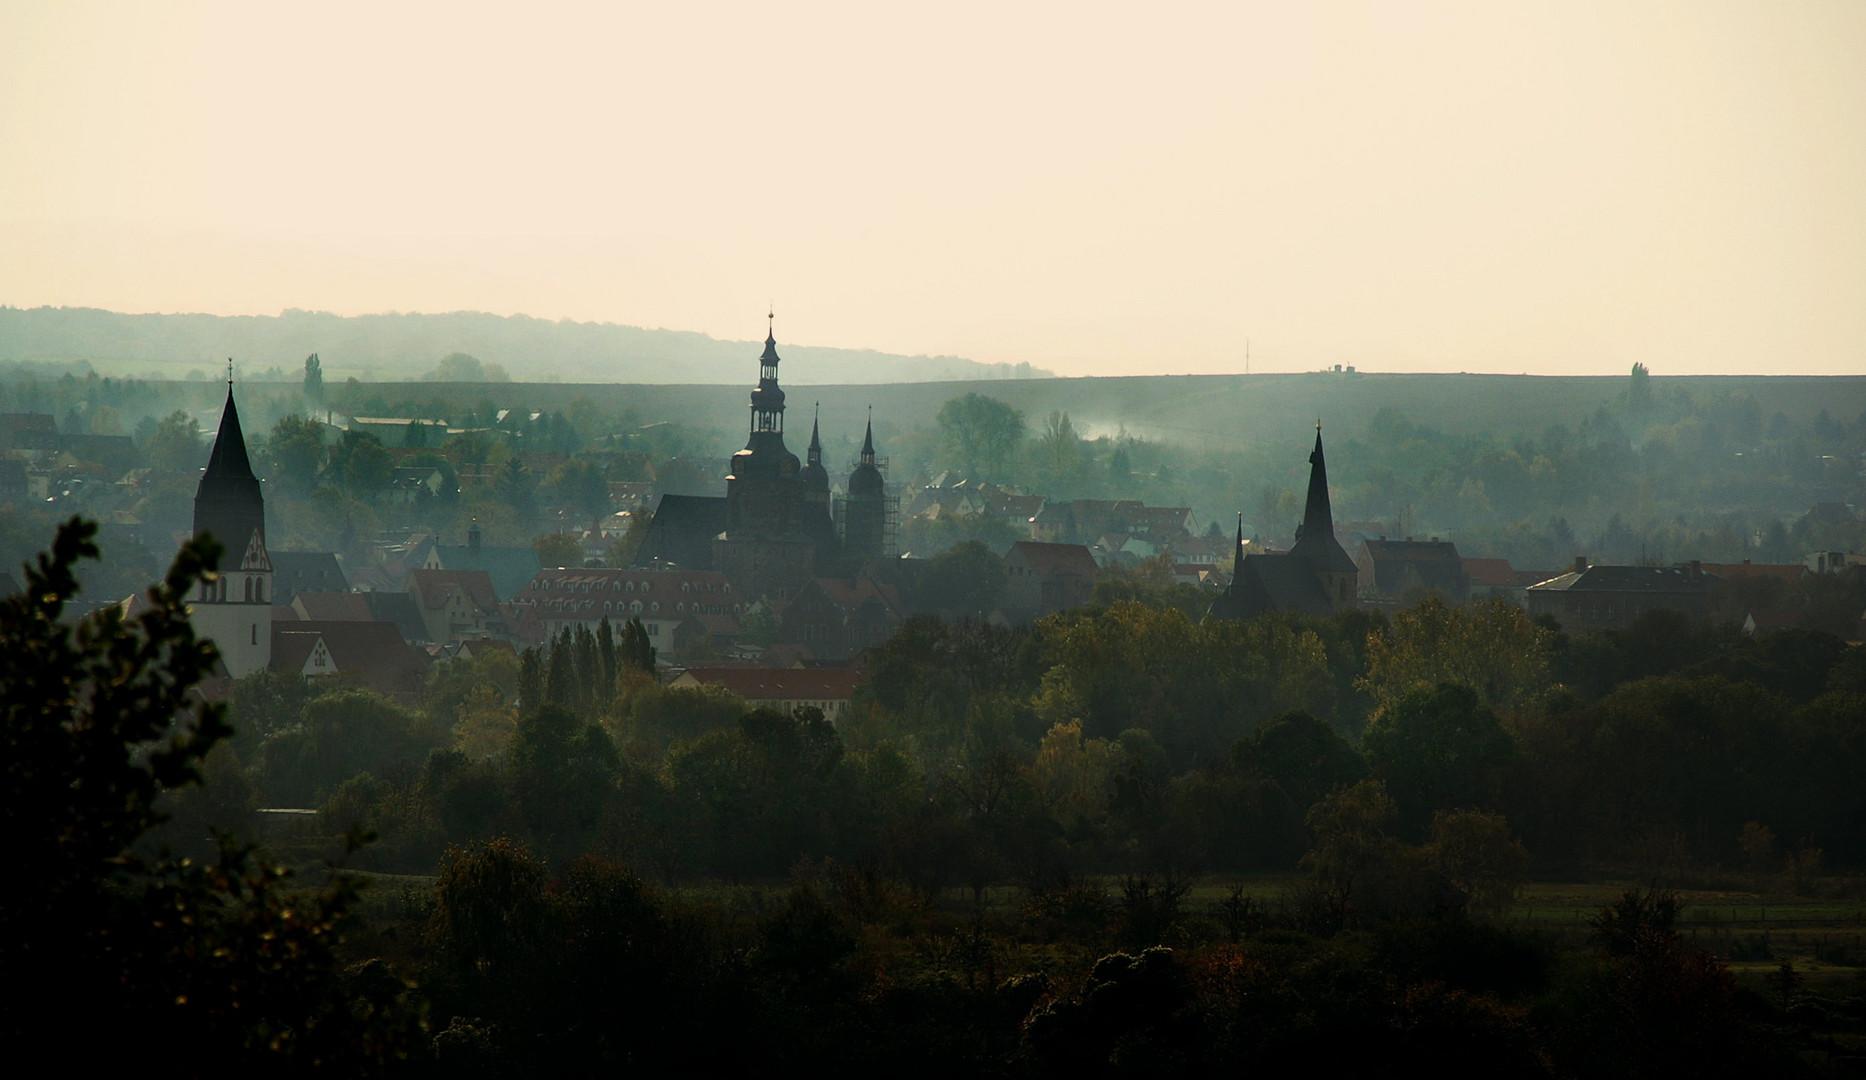 Im Mansfelder Land Bild 5 Eisleben Meine Geburtstadt